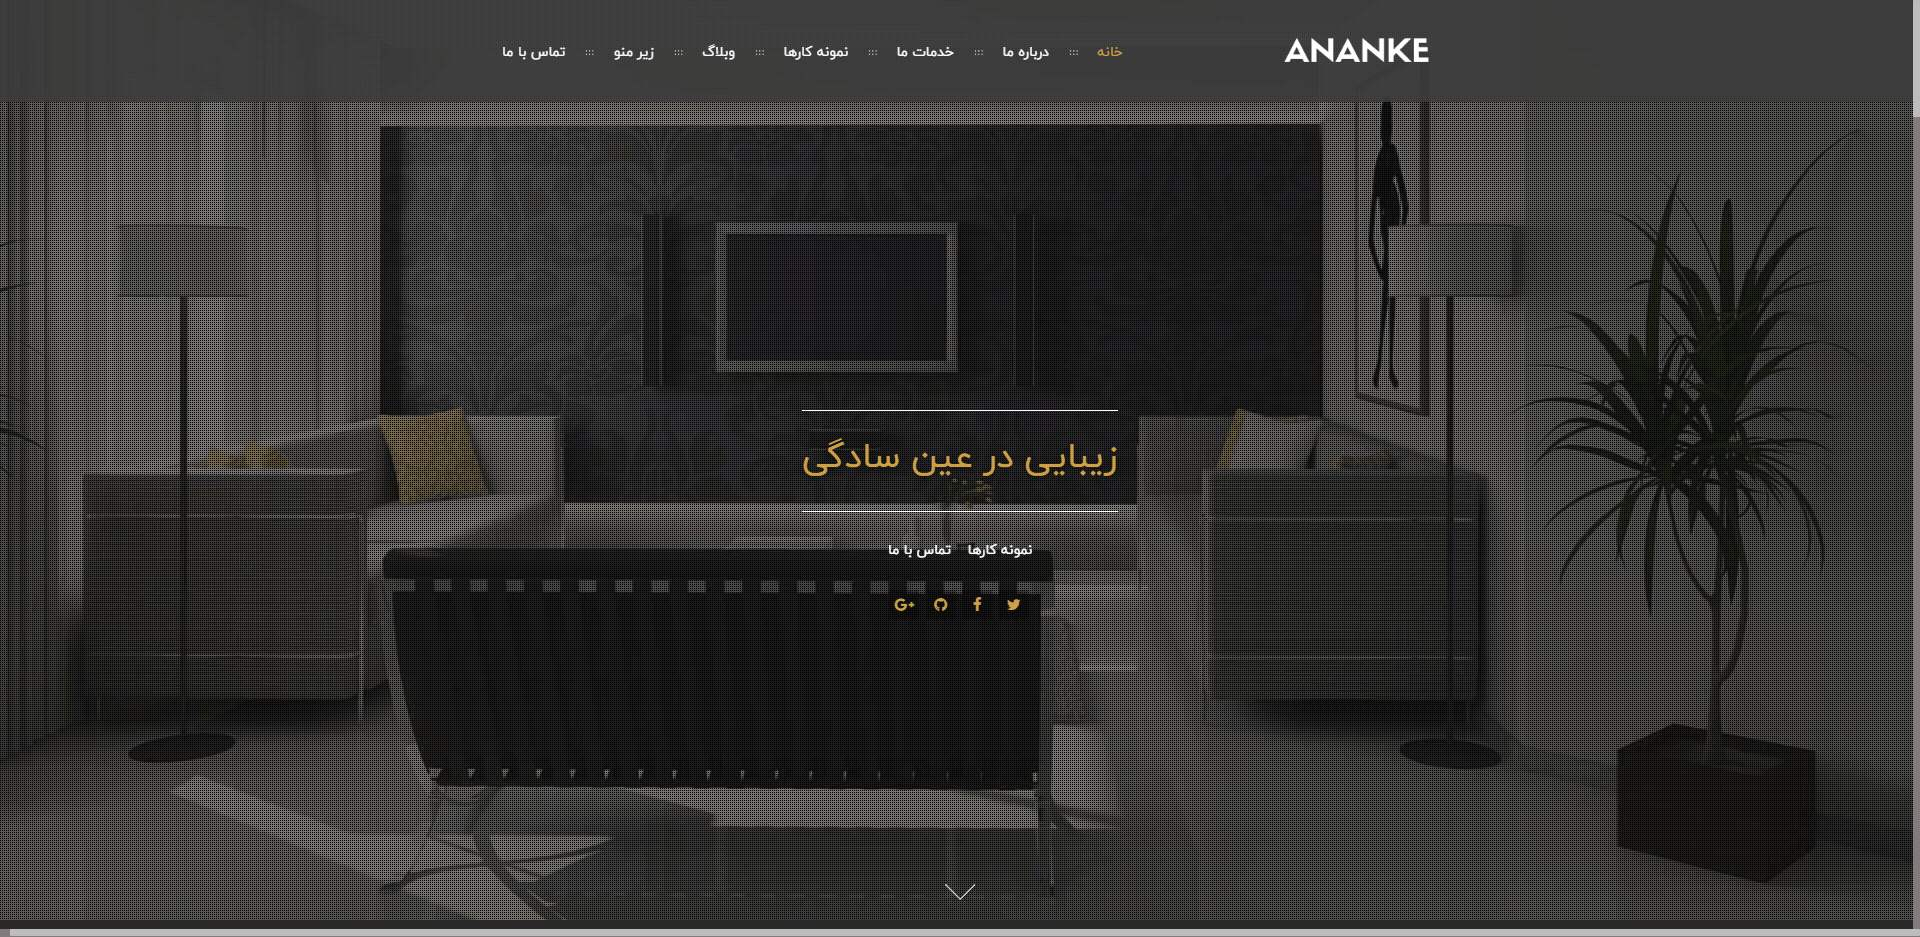 بهترین قالب تک صفحه ای Ananke